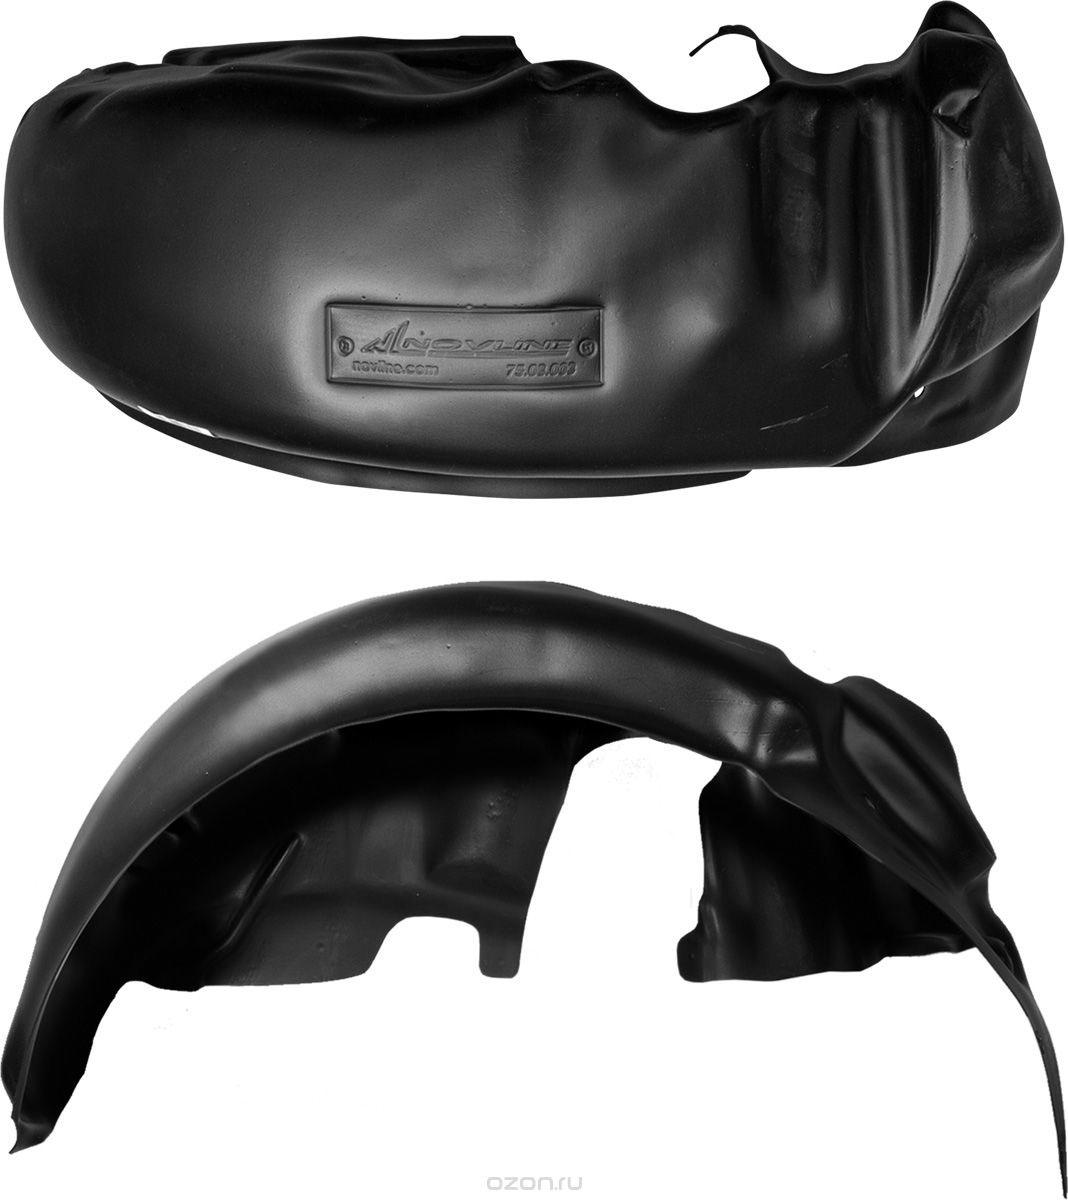 Подкрылок Novline-Autofamily, для УАЗ Hunter 11/2003->, задний левыйDW90Идеальная защита колесной ниши. Локеры разработаны с применением цифровых технологий, гарантируют максимальную повторяемость поверхности арки. Изделия устанавливаются без нарушения лакокрасочного покрытия автомобиля, каждый подкрылок комплектуется крепежом. Уважаемые клиенты, обращаем ваше внимание, что фотографии на подкрылки универсальные и не отражают реальную форму изделия. При этом само изделие идет точно под размер указанного автомобиля.